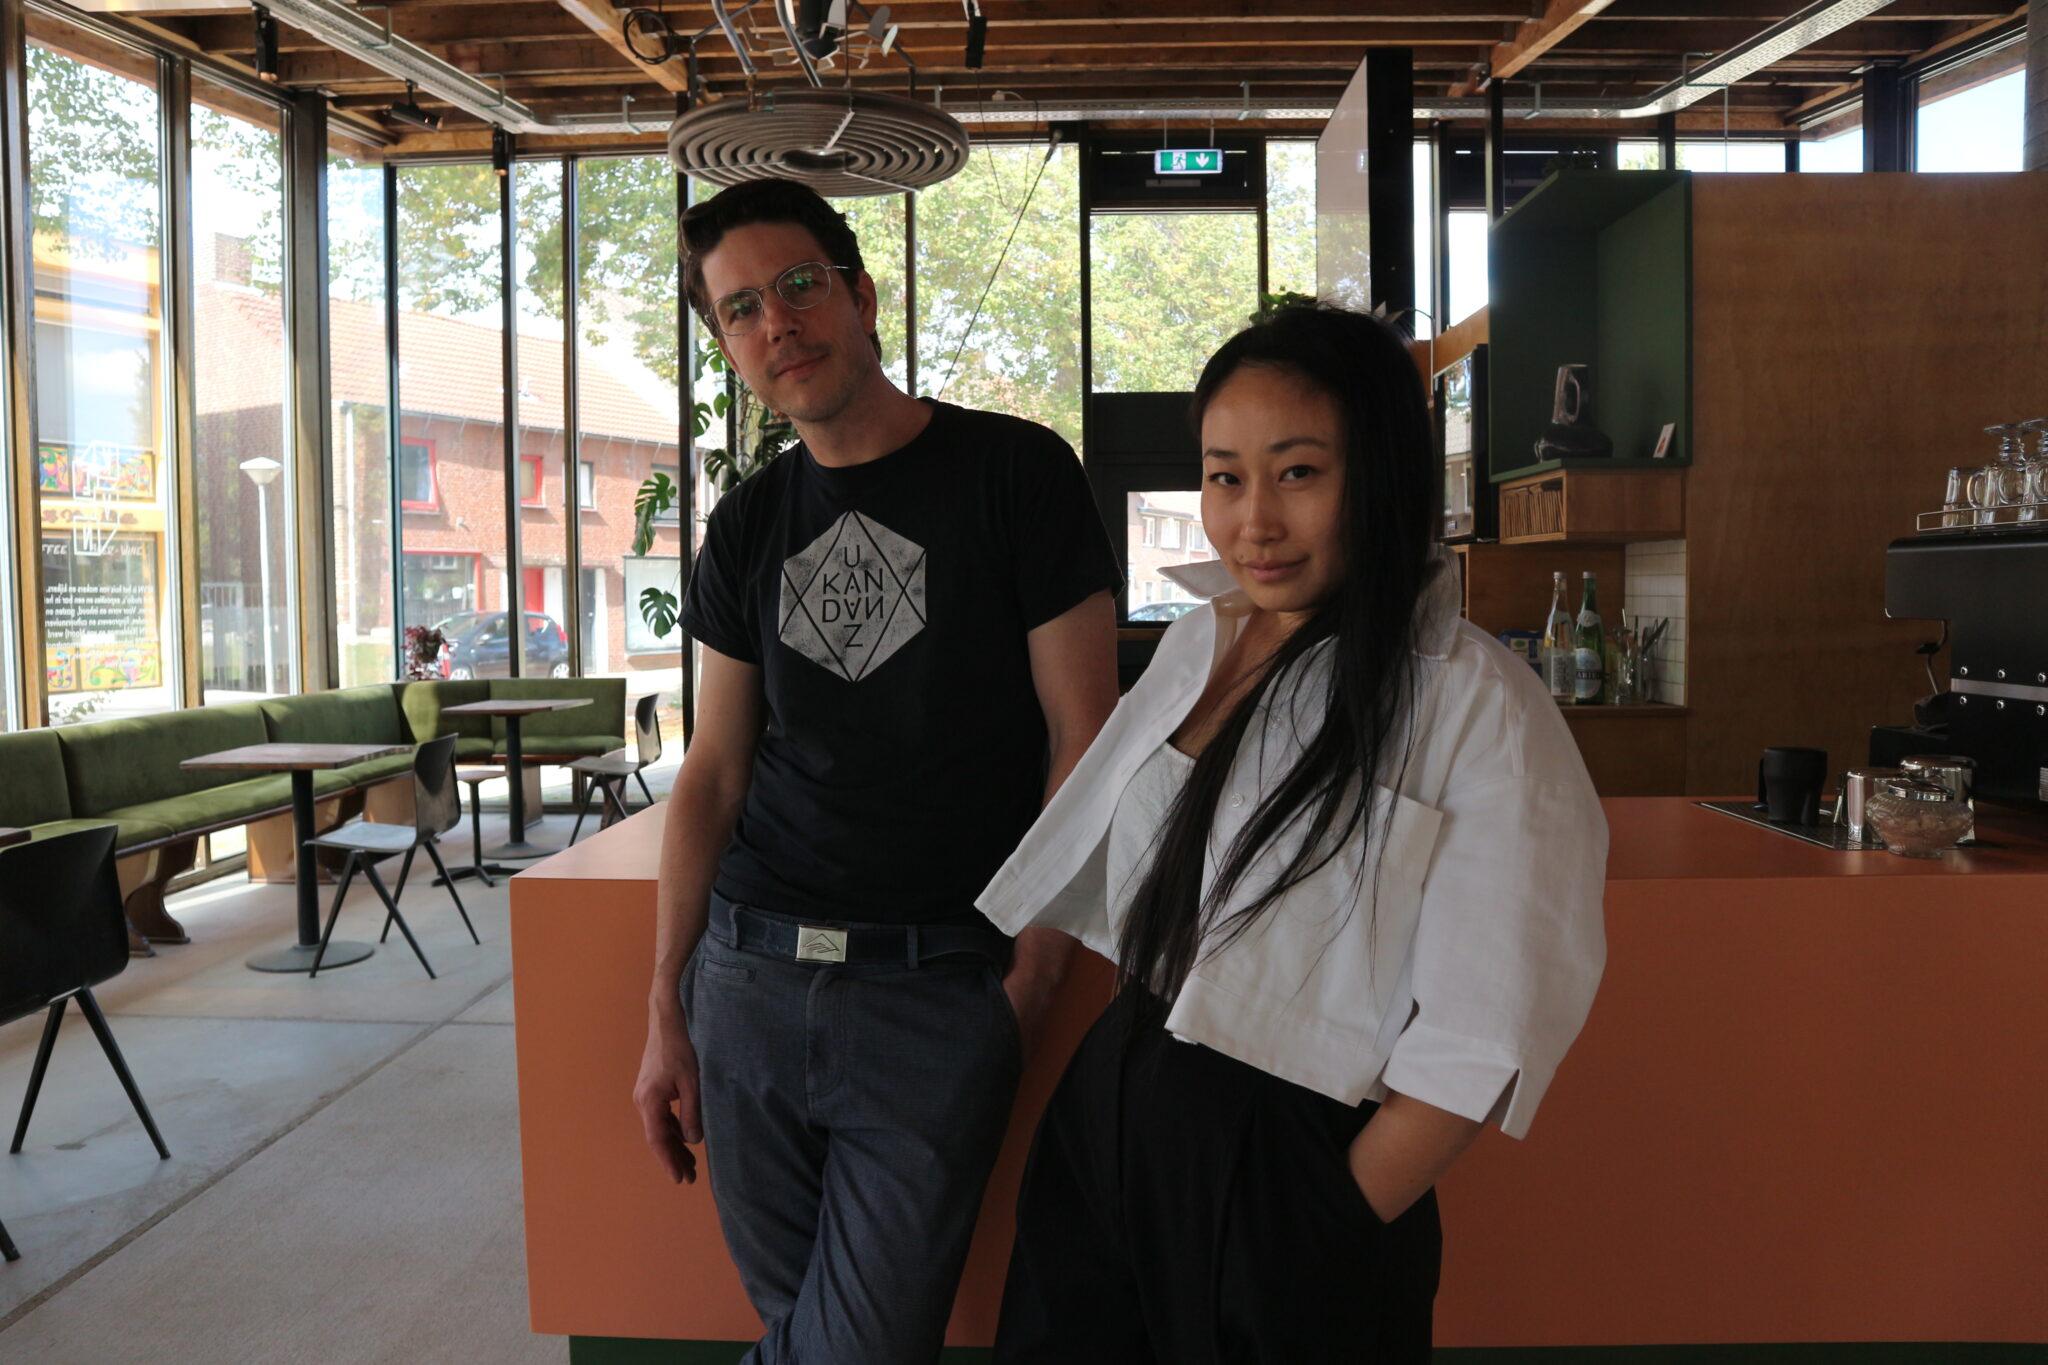 KEVN, Erik Slijpen, Ying Yi Luo